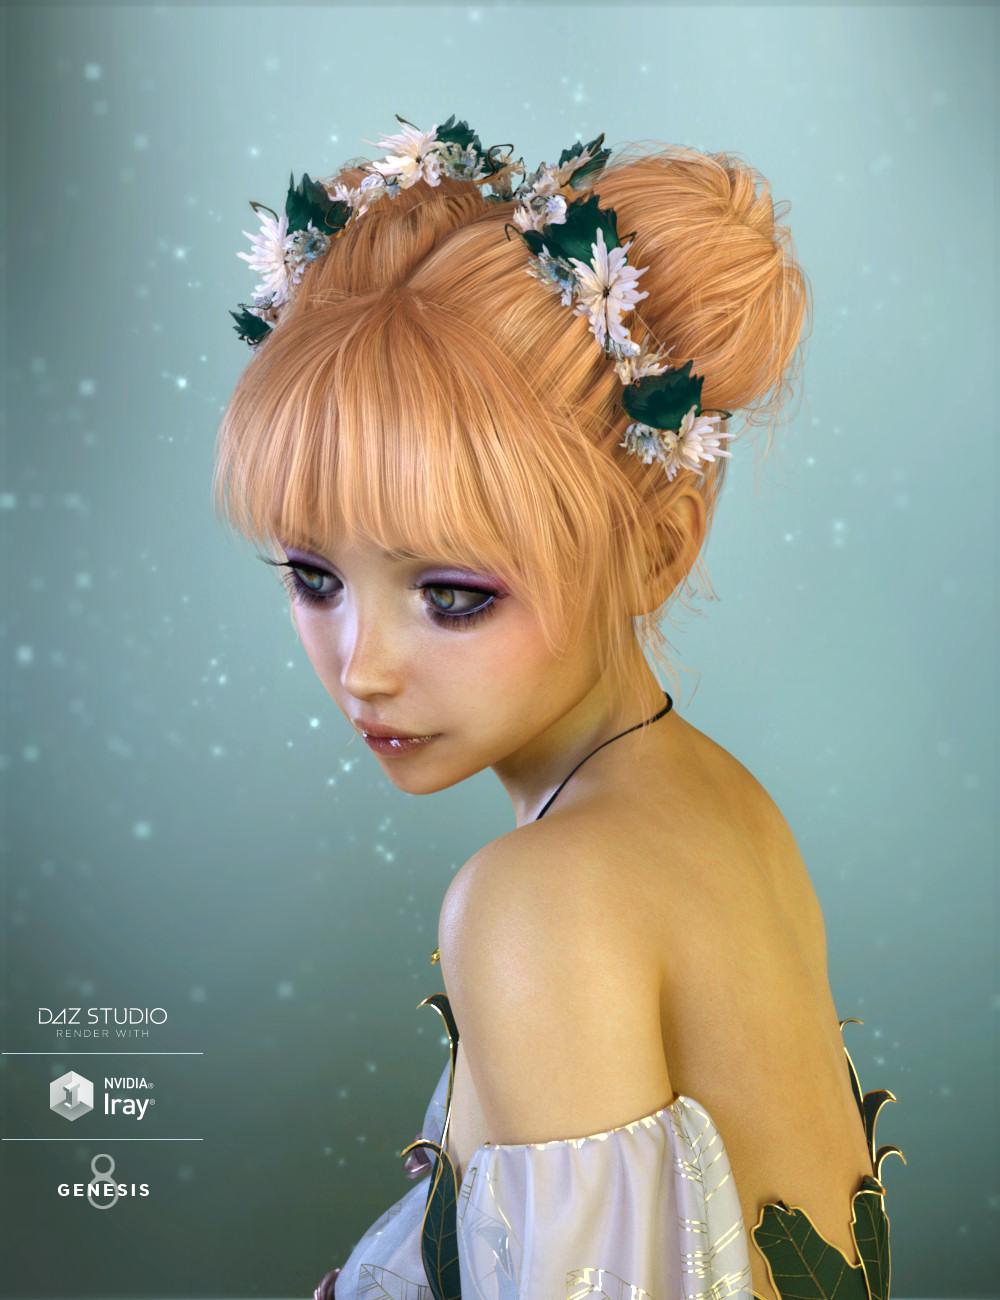 BonBon Hair Expansion & Accessories by: goldtassel, 3D Models by Daz 3D